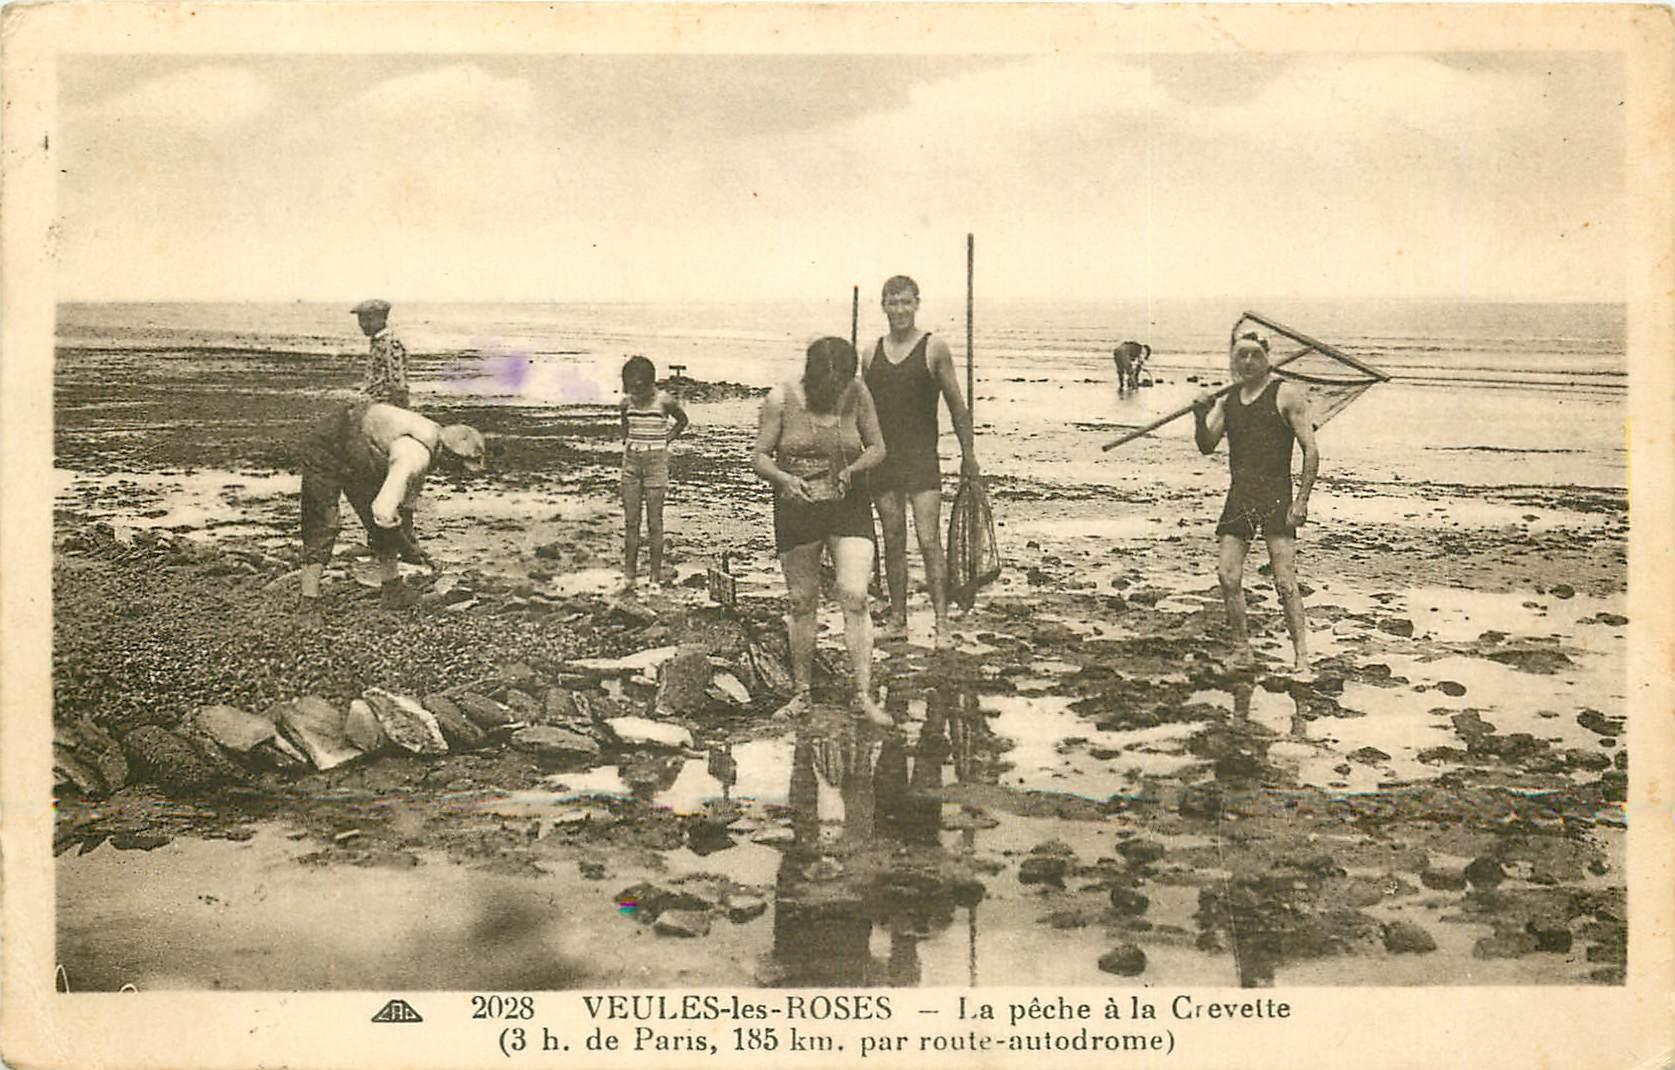 76 VEULES-LES-ROSES. La Pêche à la Crevette 1936